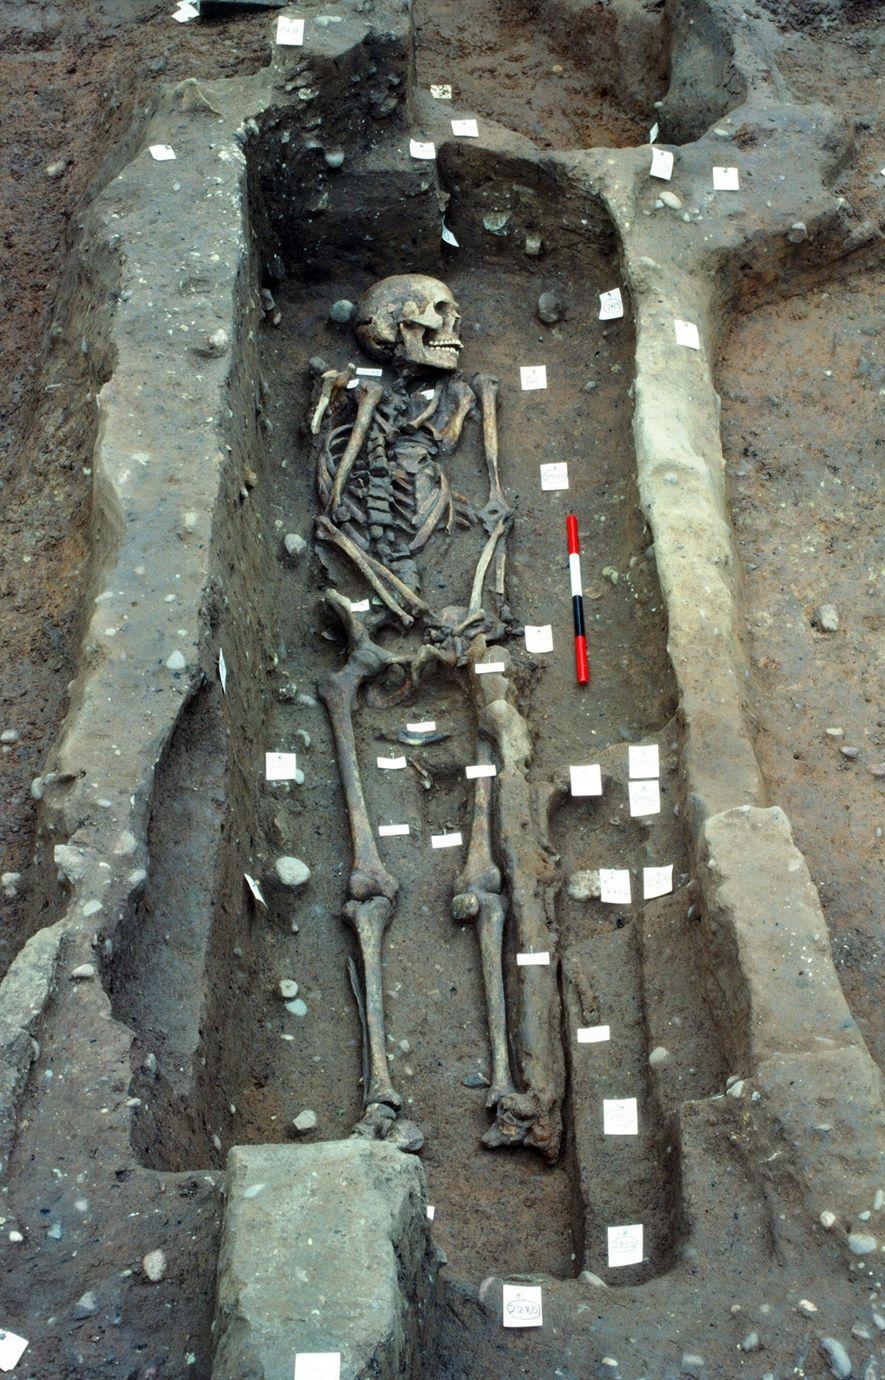 Escavações posteriores, como esta de 1986, revelou que quase 300 pessoas foram enterradas no cemitério.